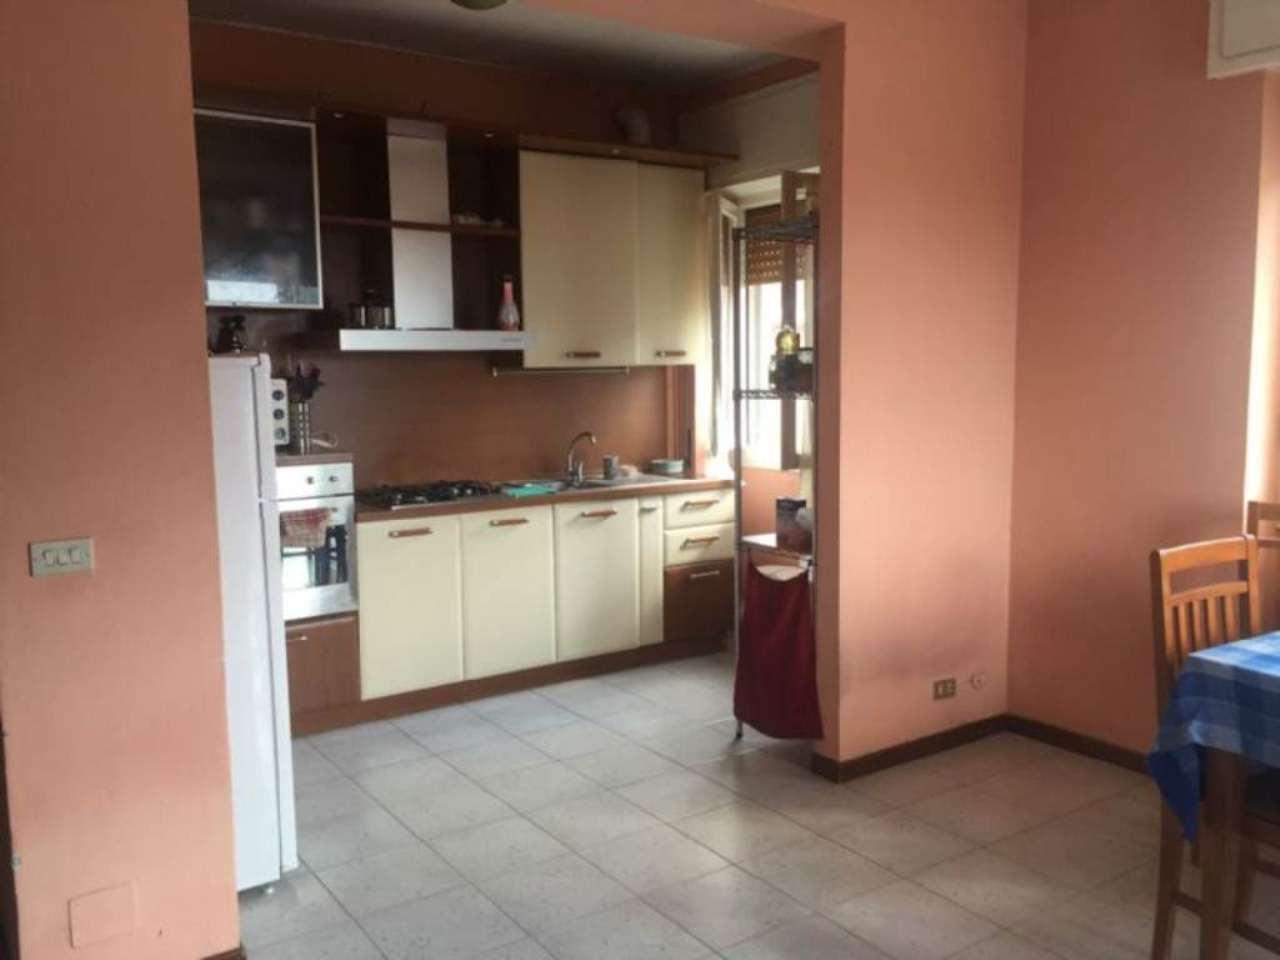 Appartamento in vendita a Melegnano, 2 locali, prezzo € 115.000 | Cambio Casa.it